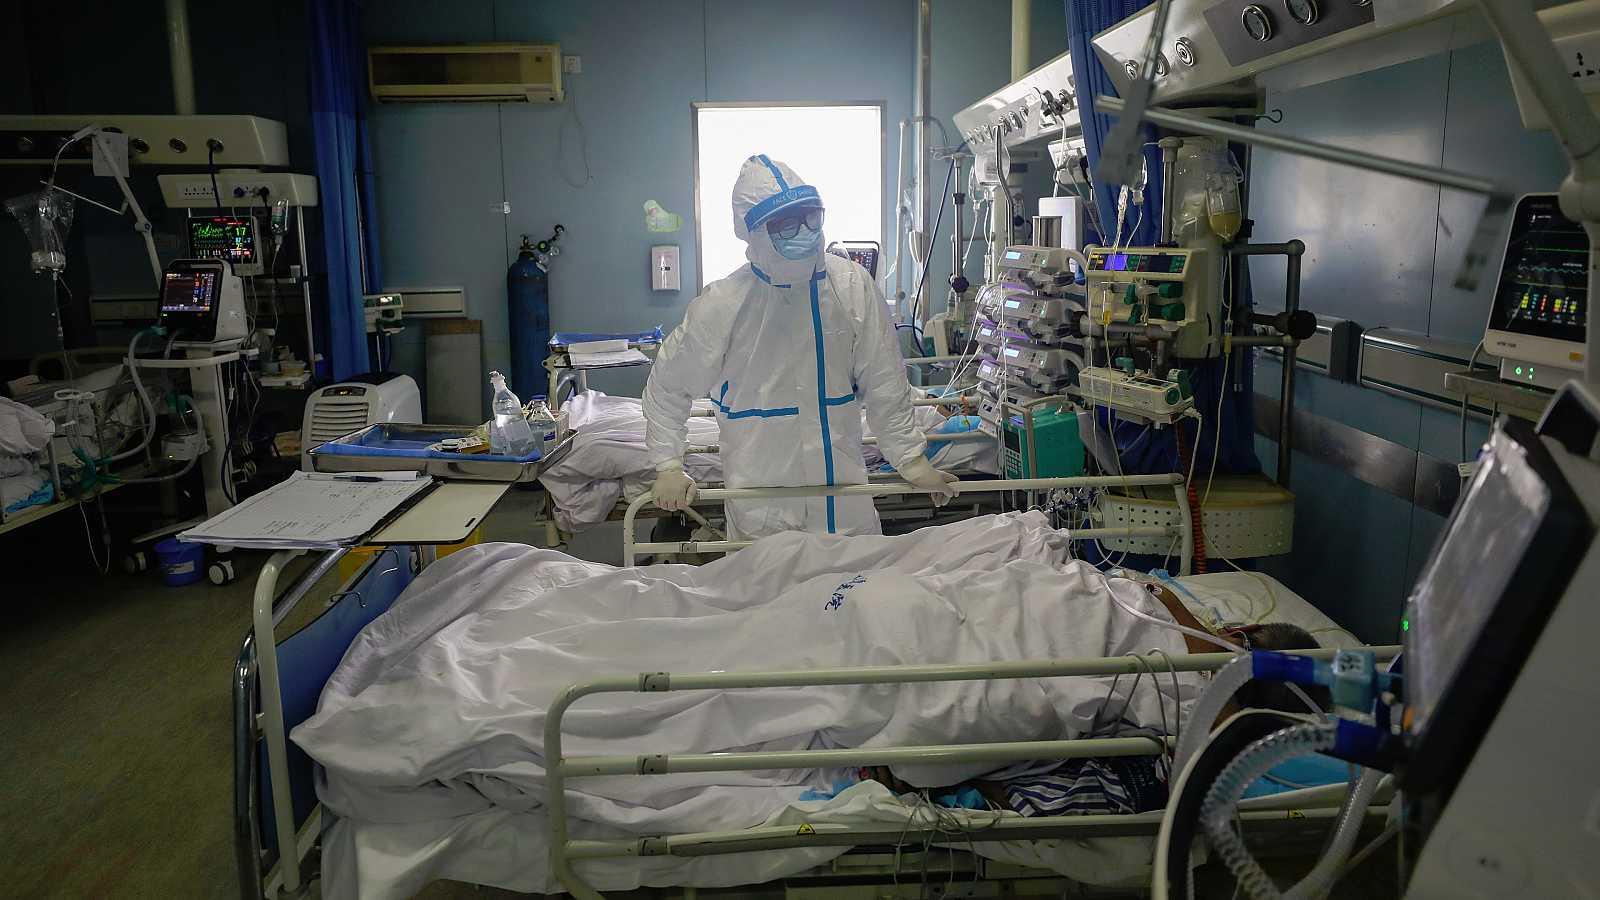 El Covid-19, el nuevo término con el que la OMS denomina al coronavirus, sigue dejando víctimas en China, país que registra el mayor número de fallecimientos y de contagios. En concreto, la Comisión Nacional de Salud eleva la cifra de muertes a 1.367